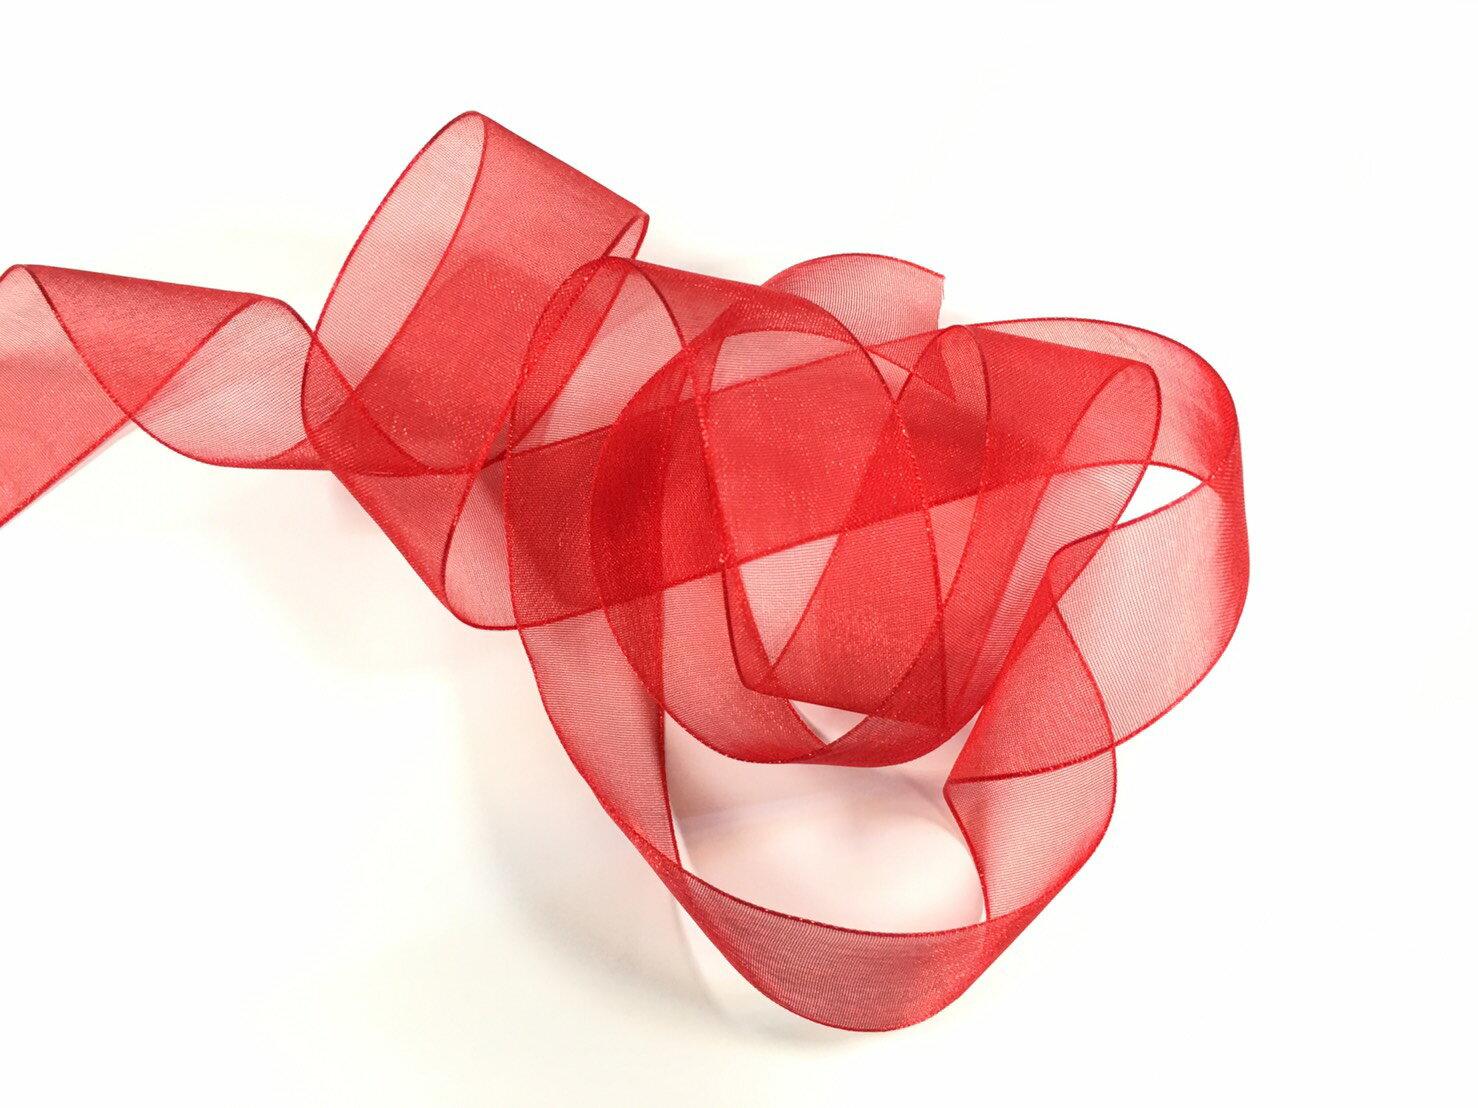 【Crystal Rose緞帶專賣店】光澤網紗緞帶 3碼裝 (10色) 4